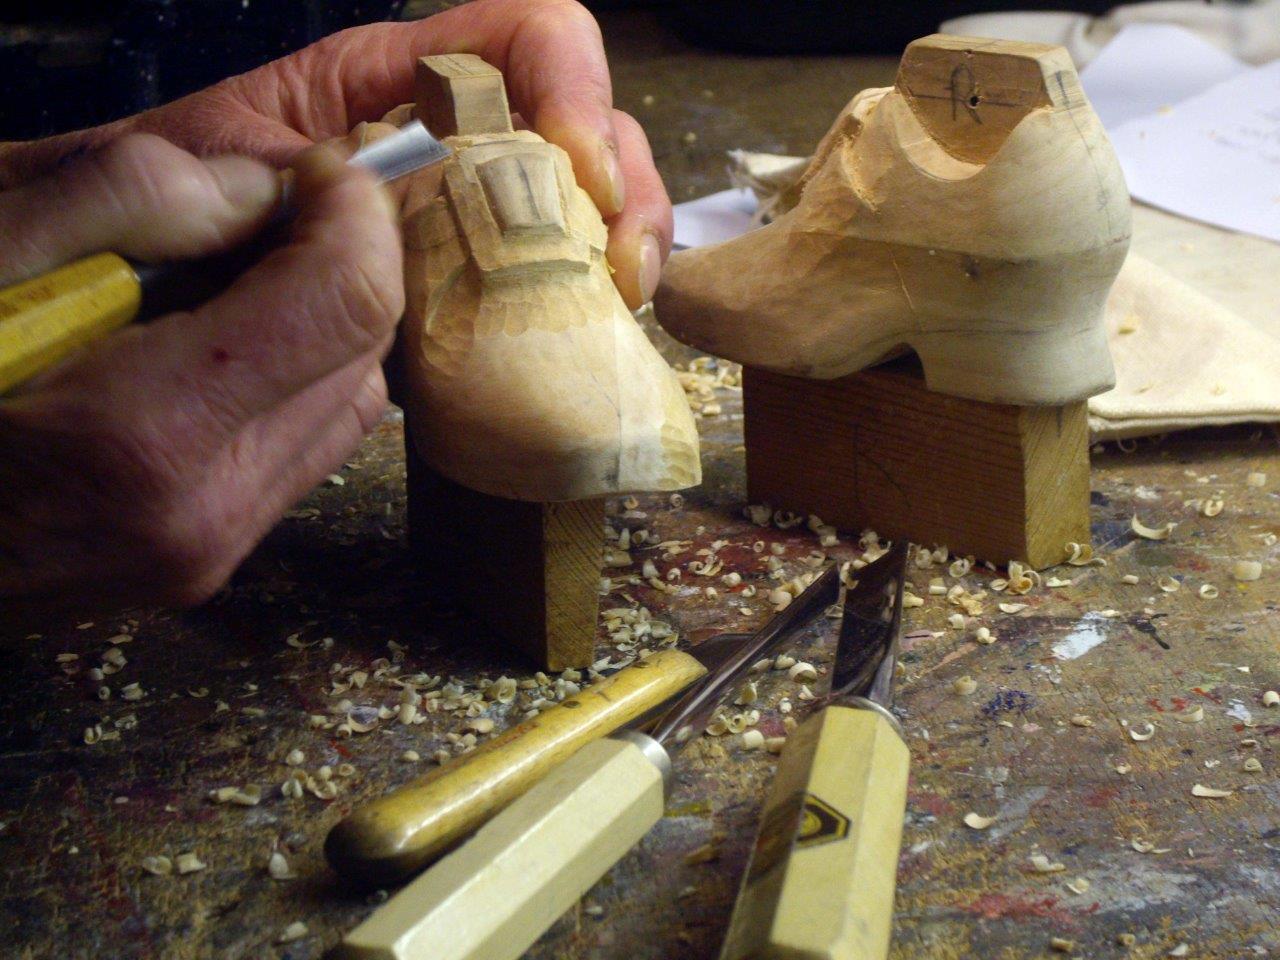 voeten snijden corr